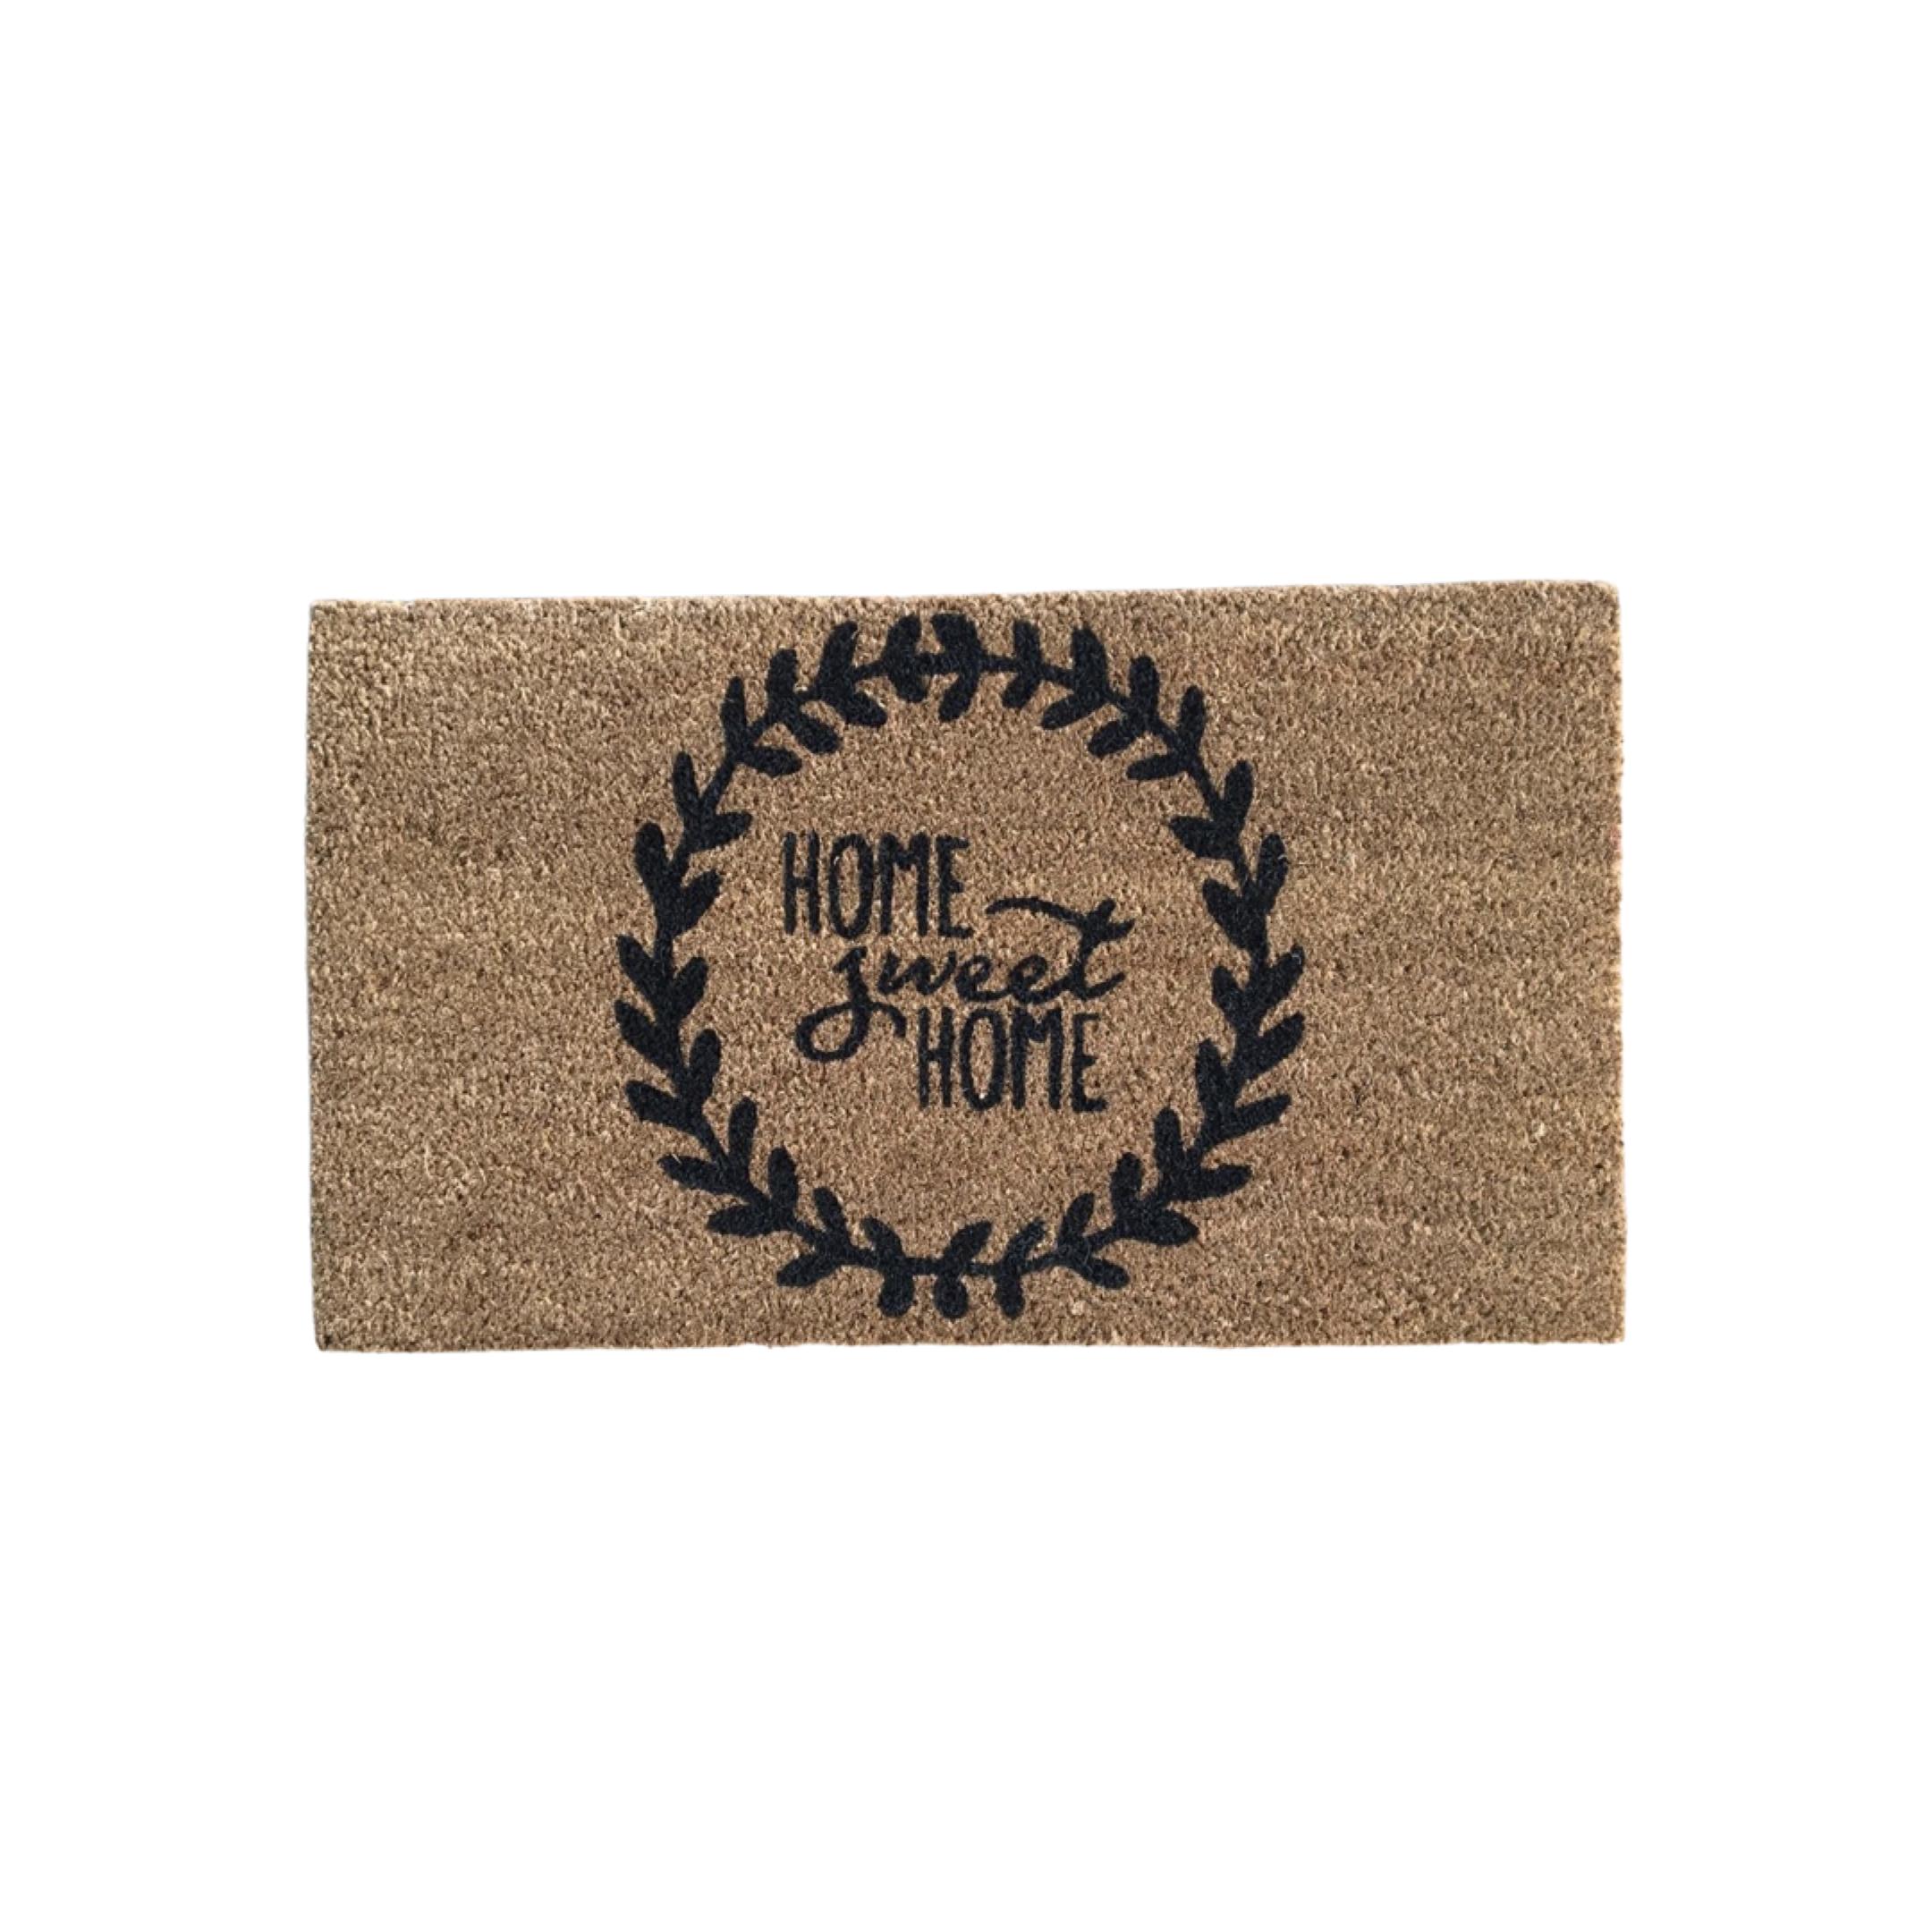 Matnifique Coir Doormat - Home Sweet Home Design 700 x 400 x 14mm